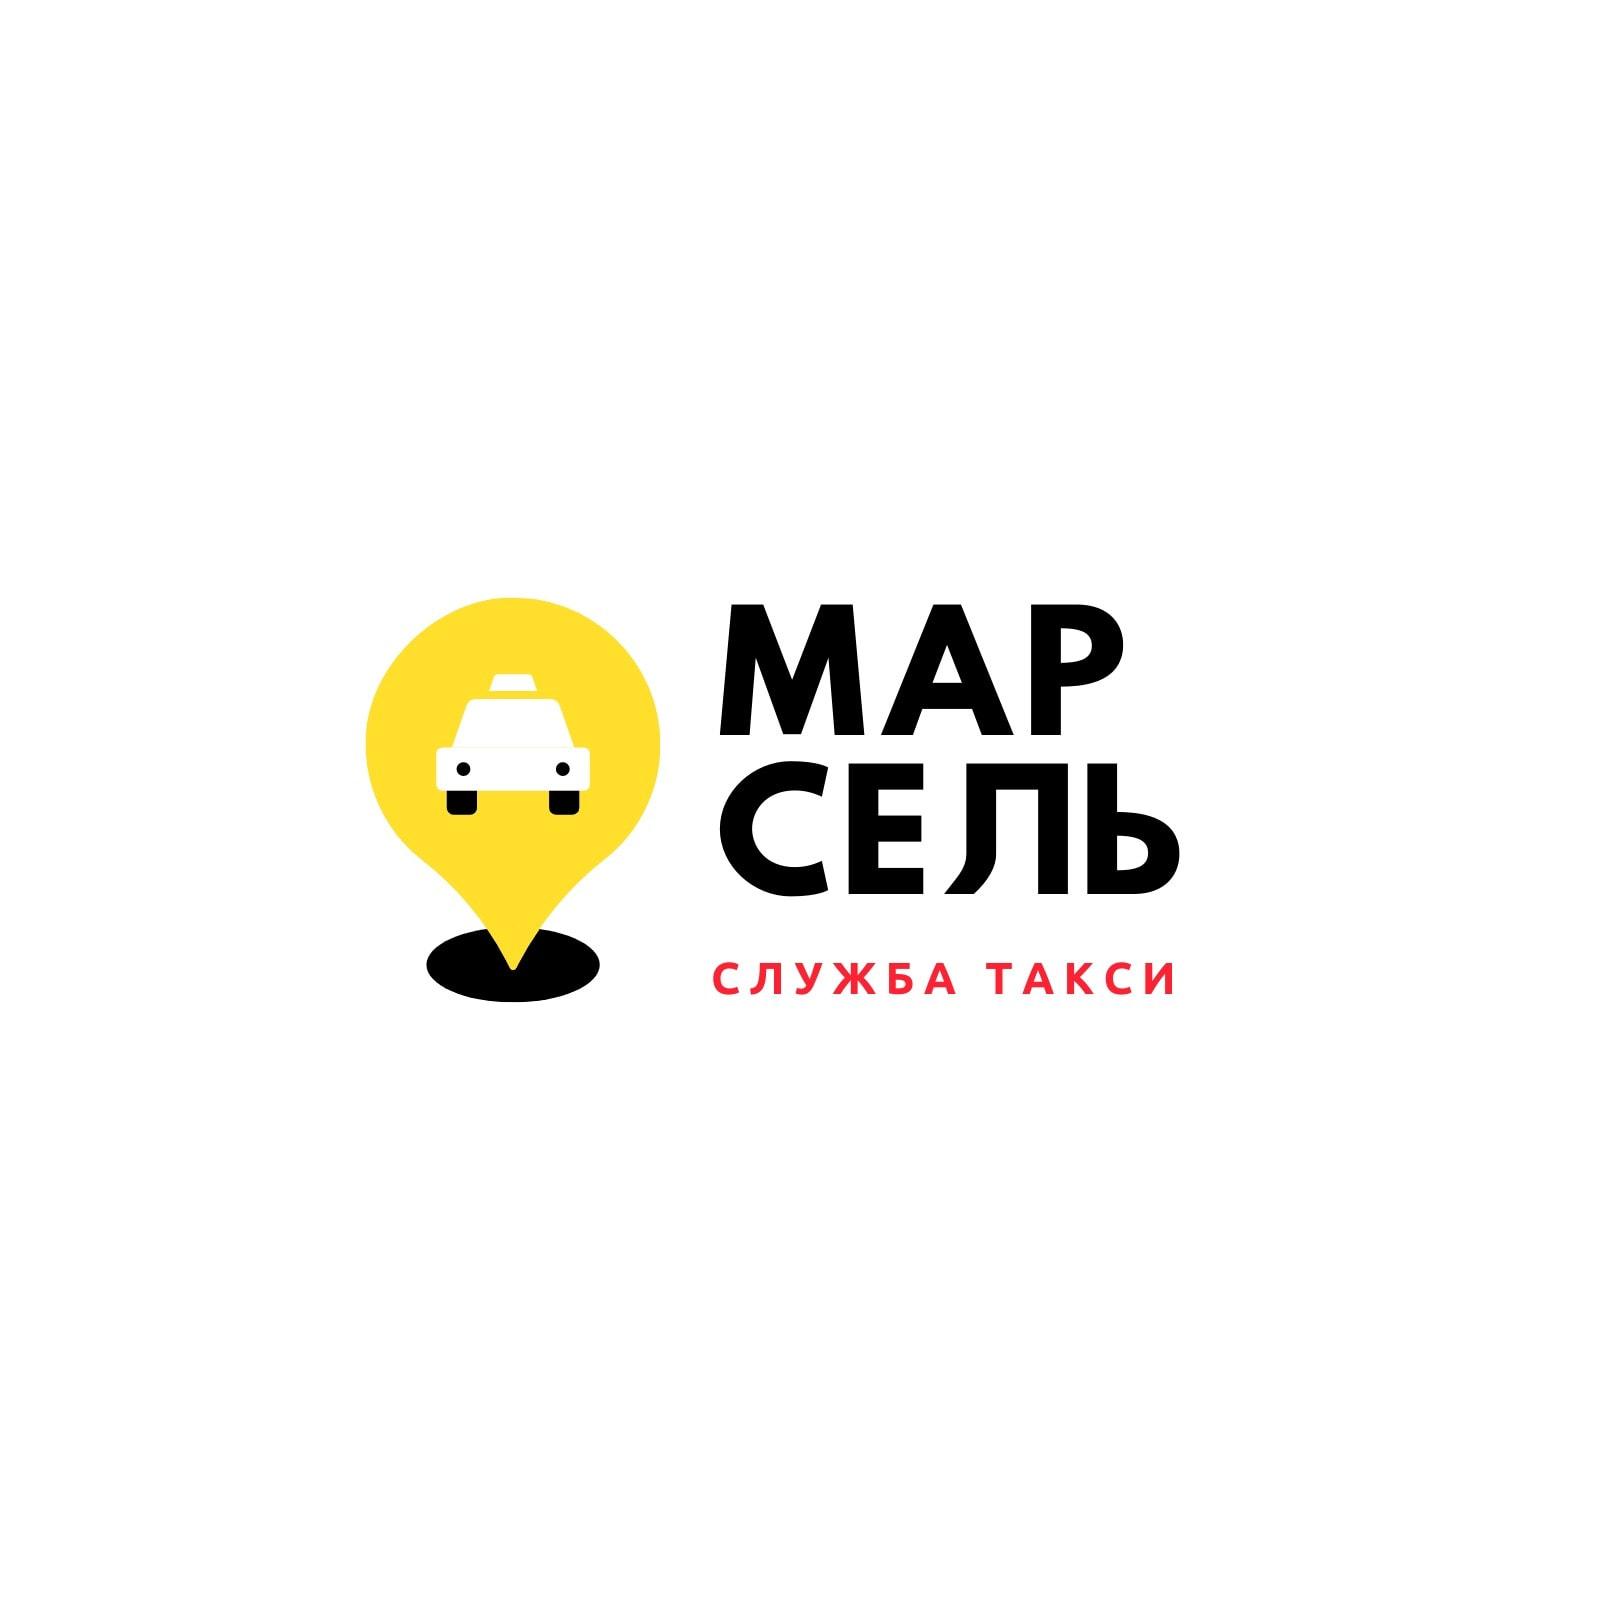 Желто-черный логотип со знаком геолокации и рисунком авто